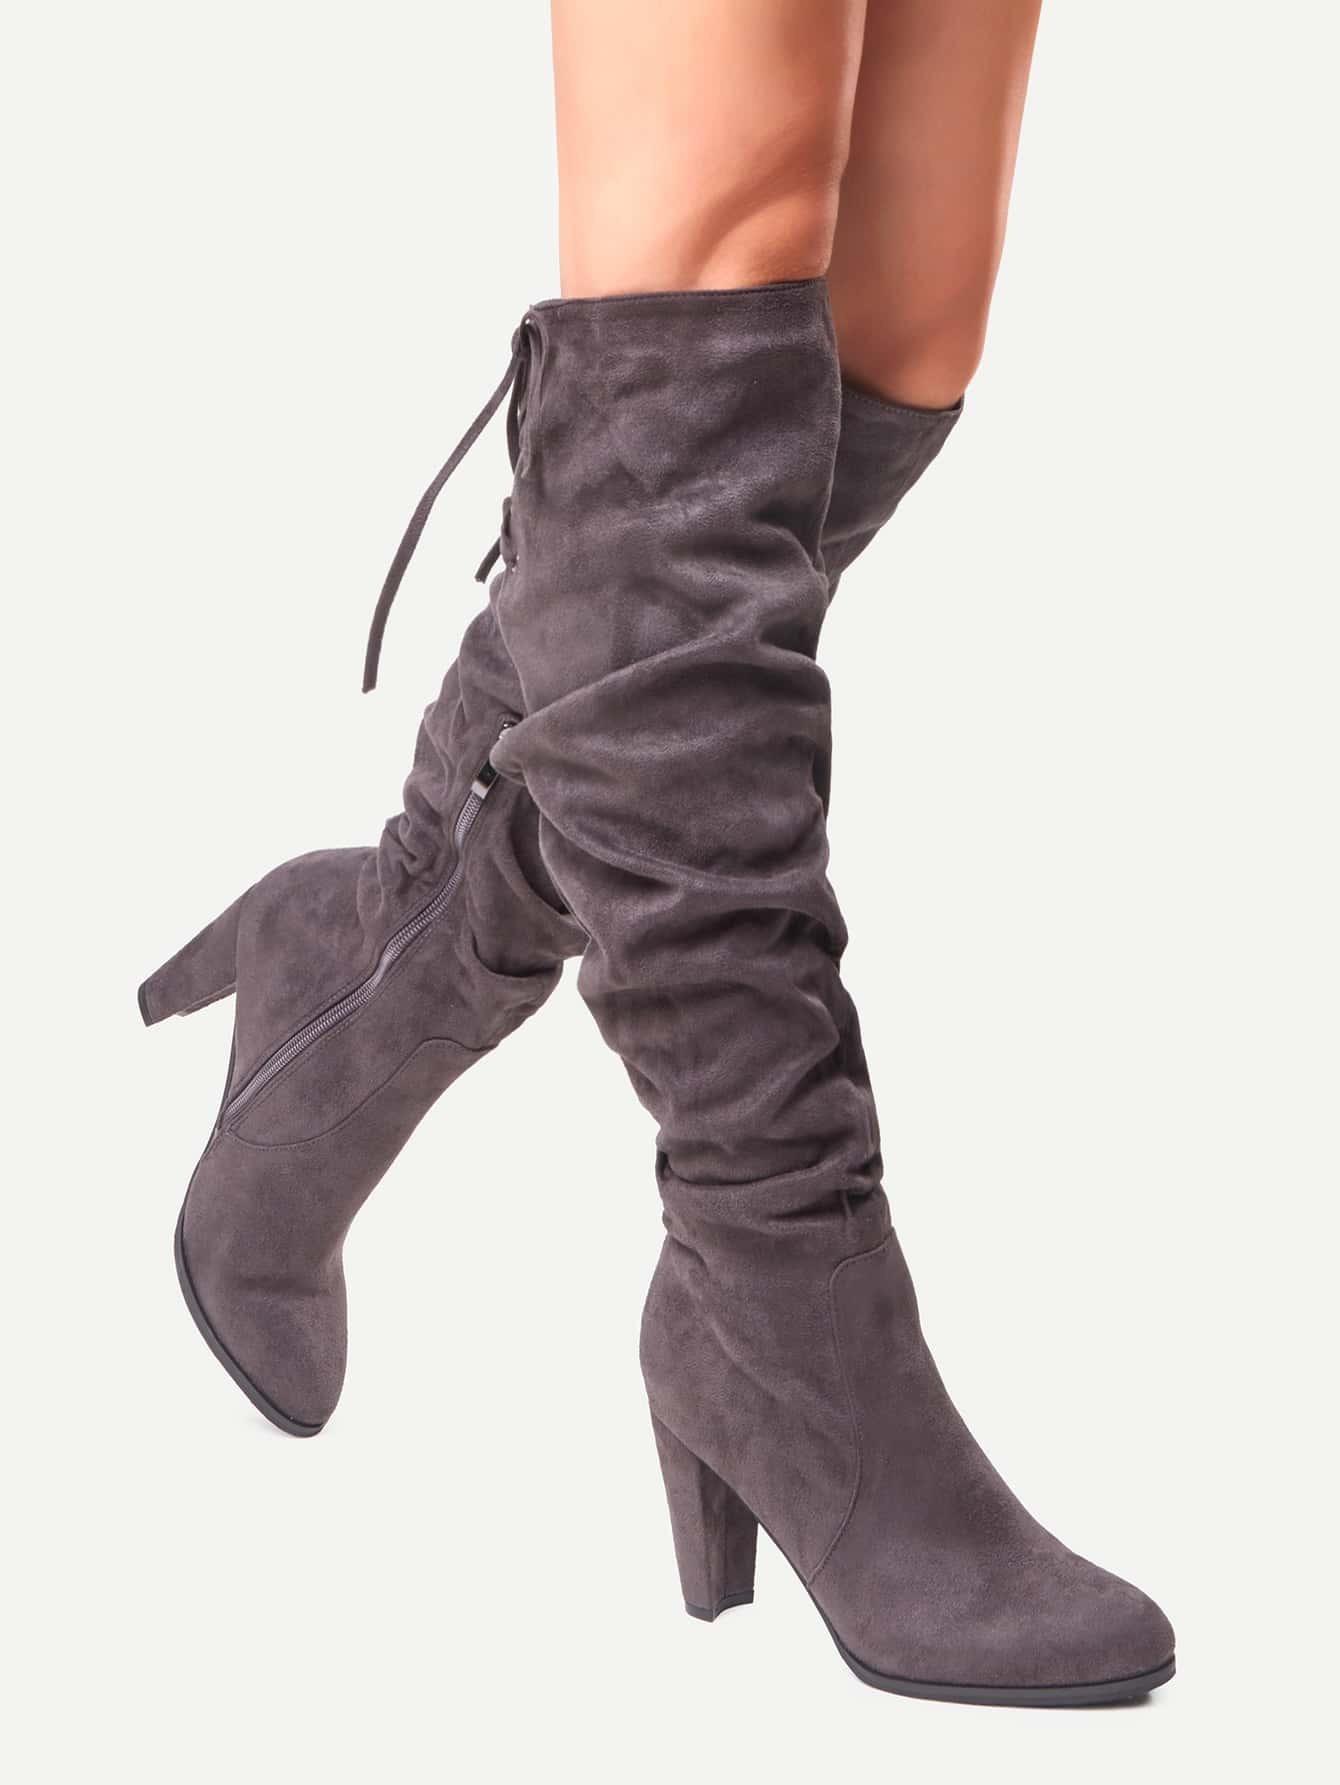 shoes16081102_2